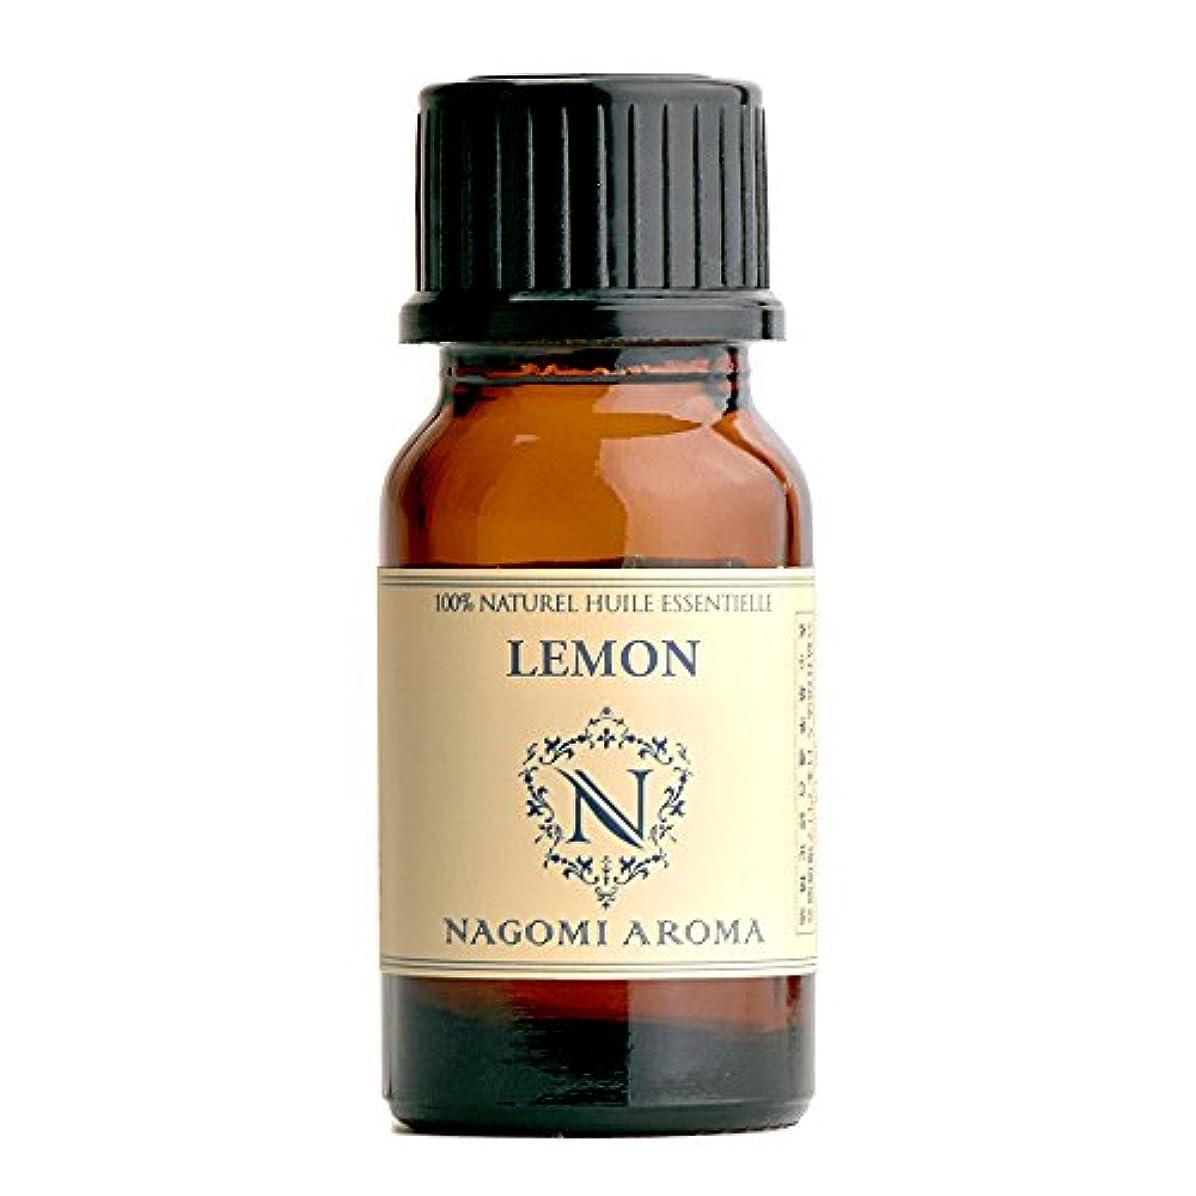 支出盆年次NAGOMI AROMA レモン 10ml 【AEAJ認定精油】【アロマオイル】